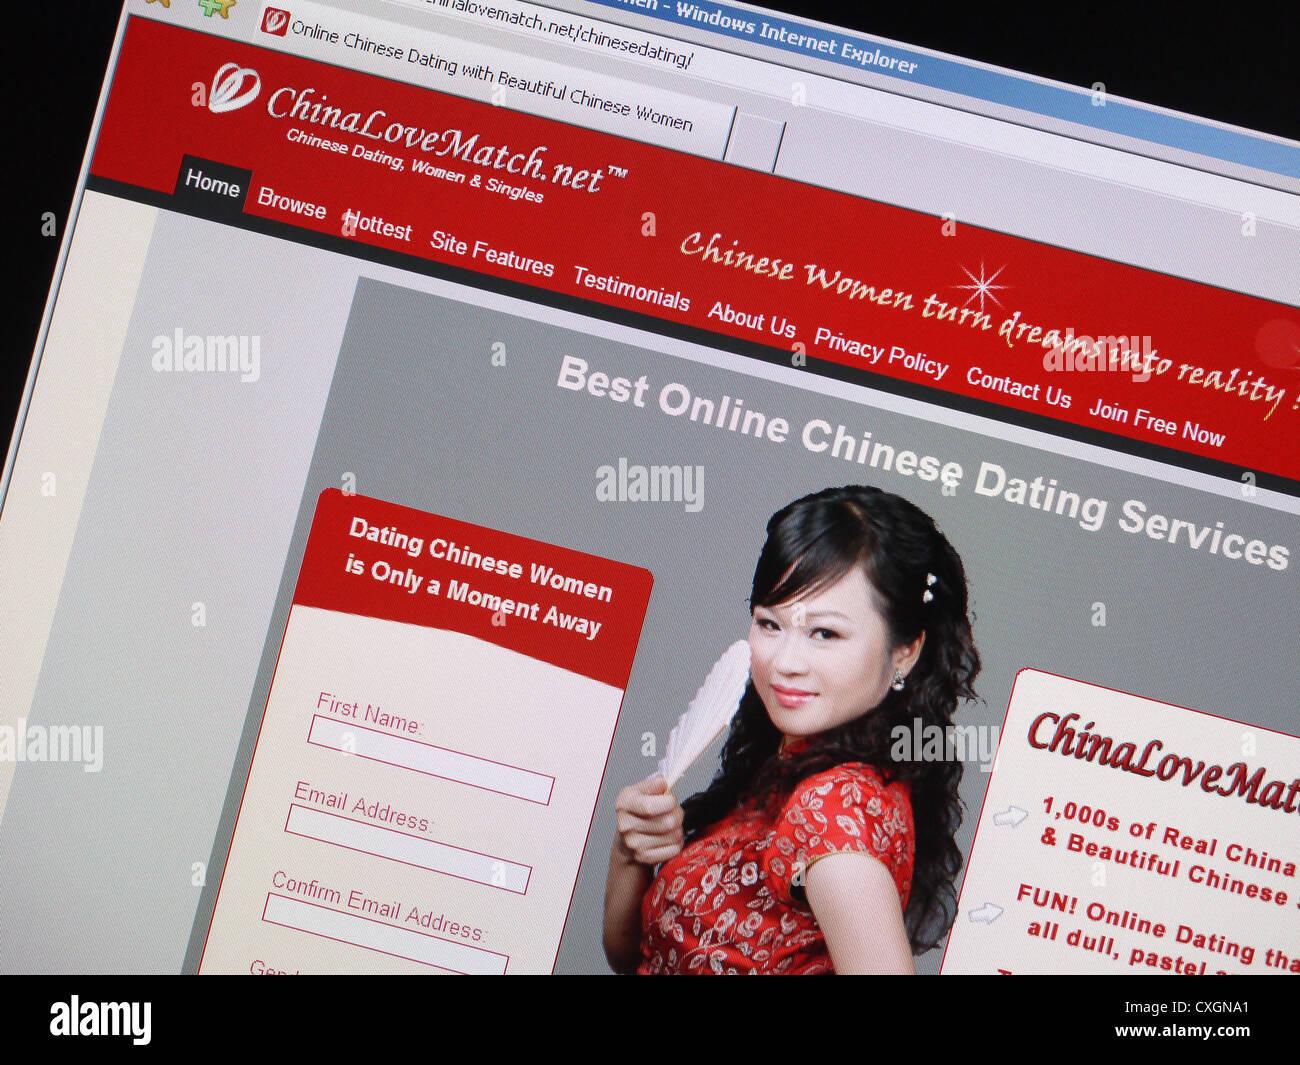 Chine rencontres en ligne Décrivez votre site de rencontre parfait de match